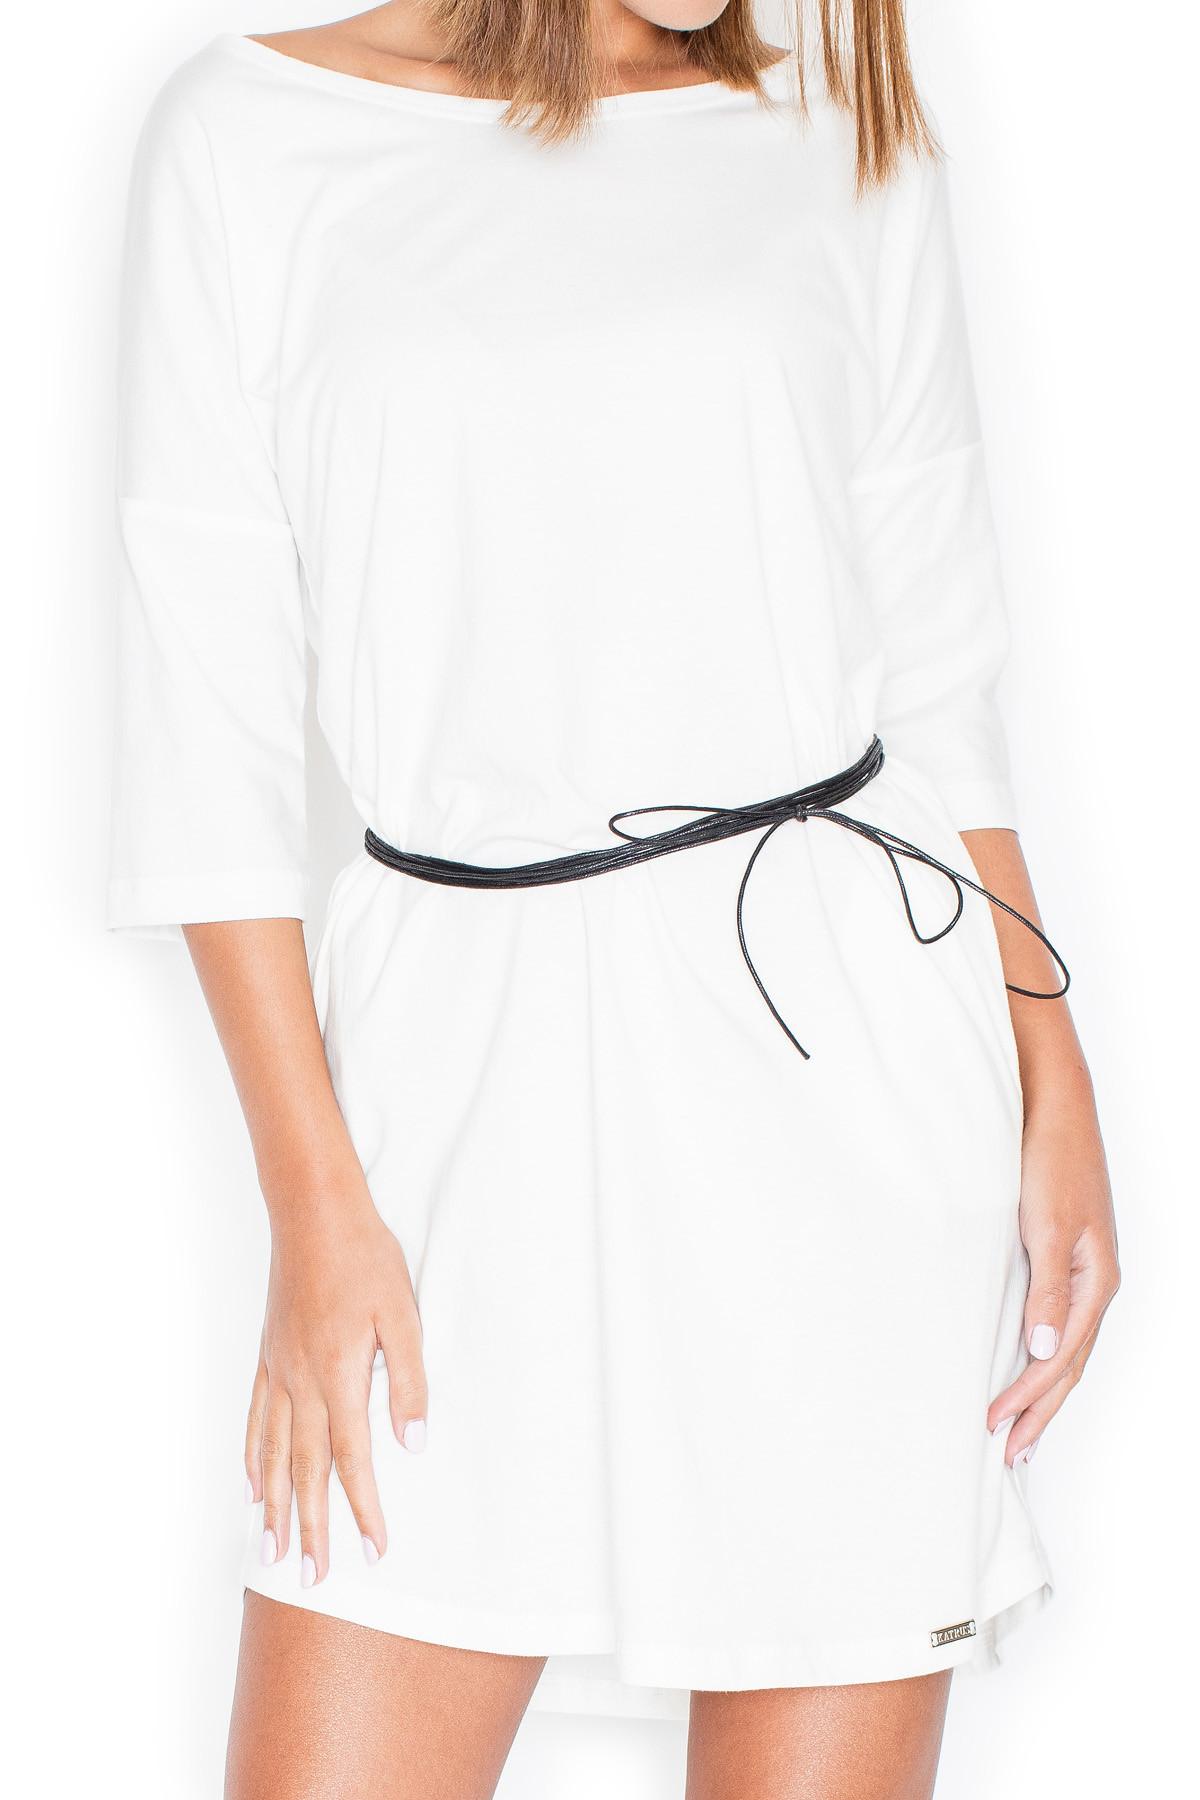 Denní šaty model 50905 Katrus M